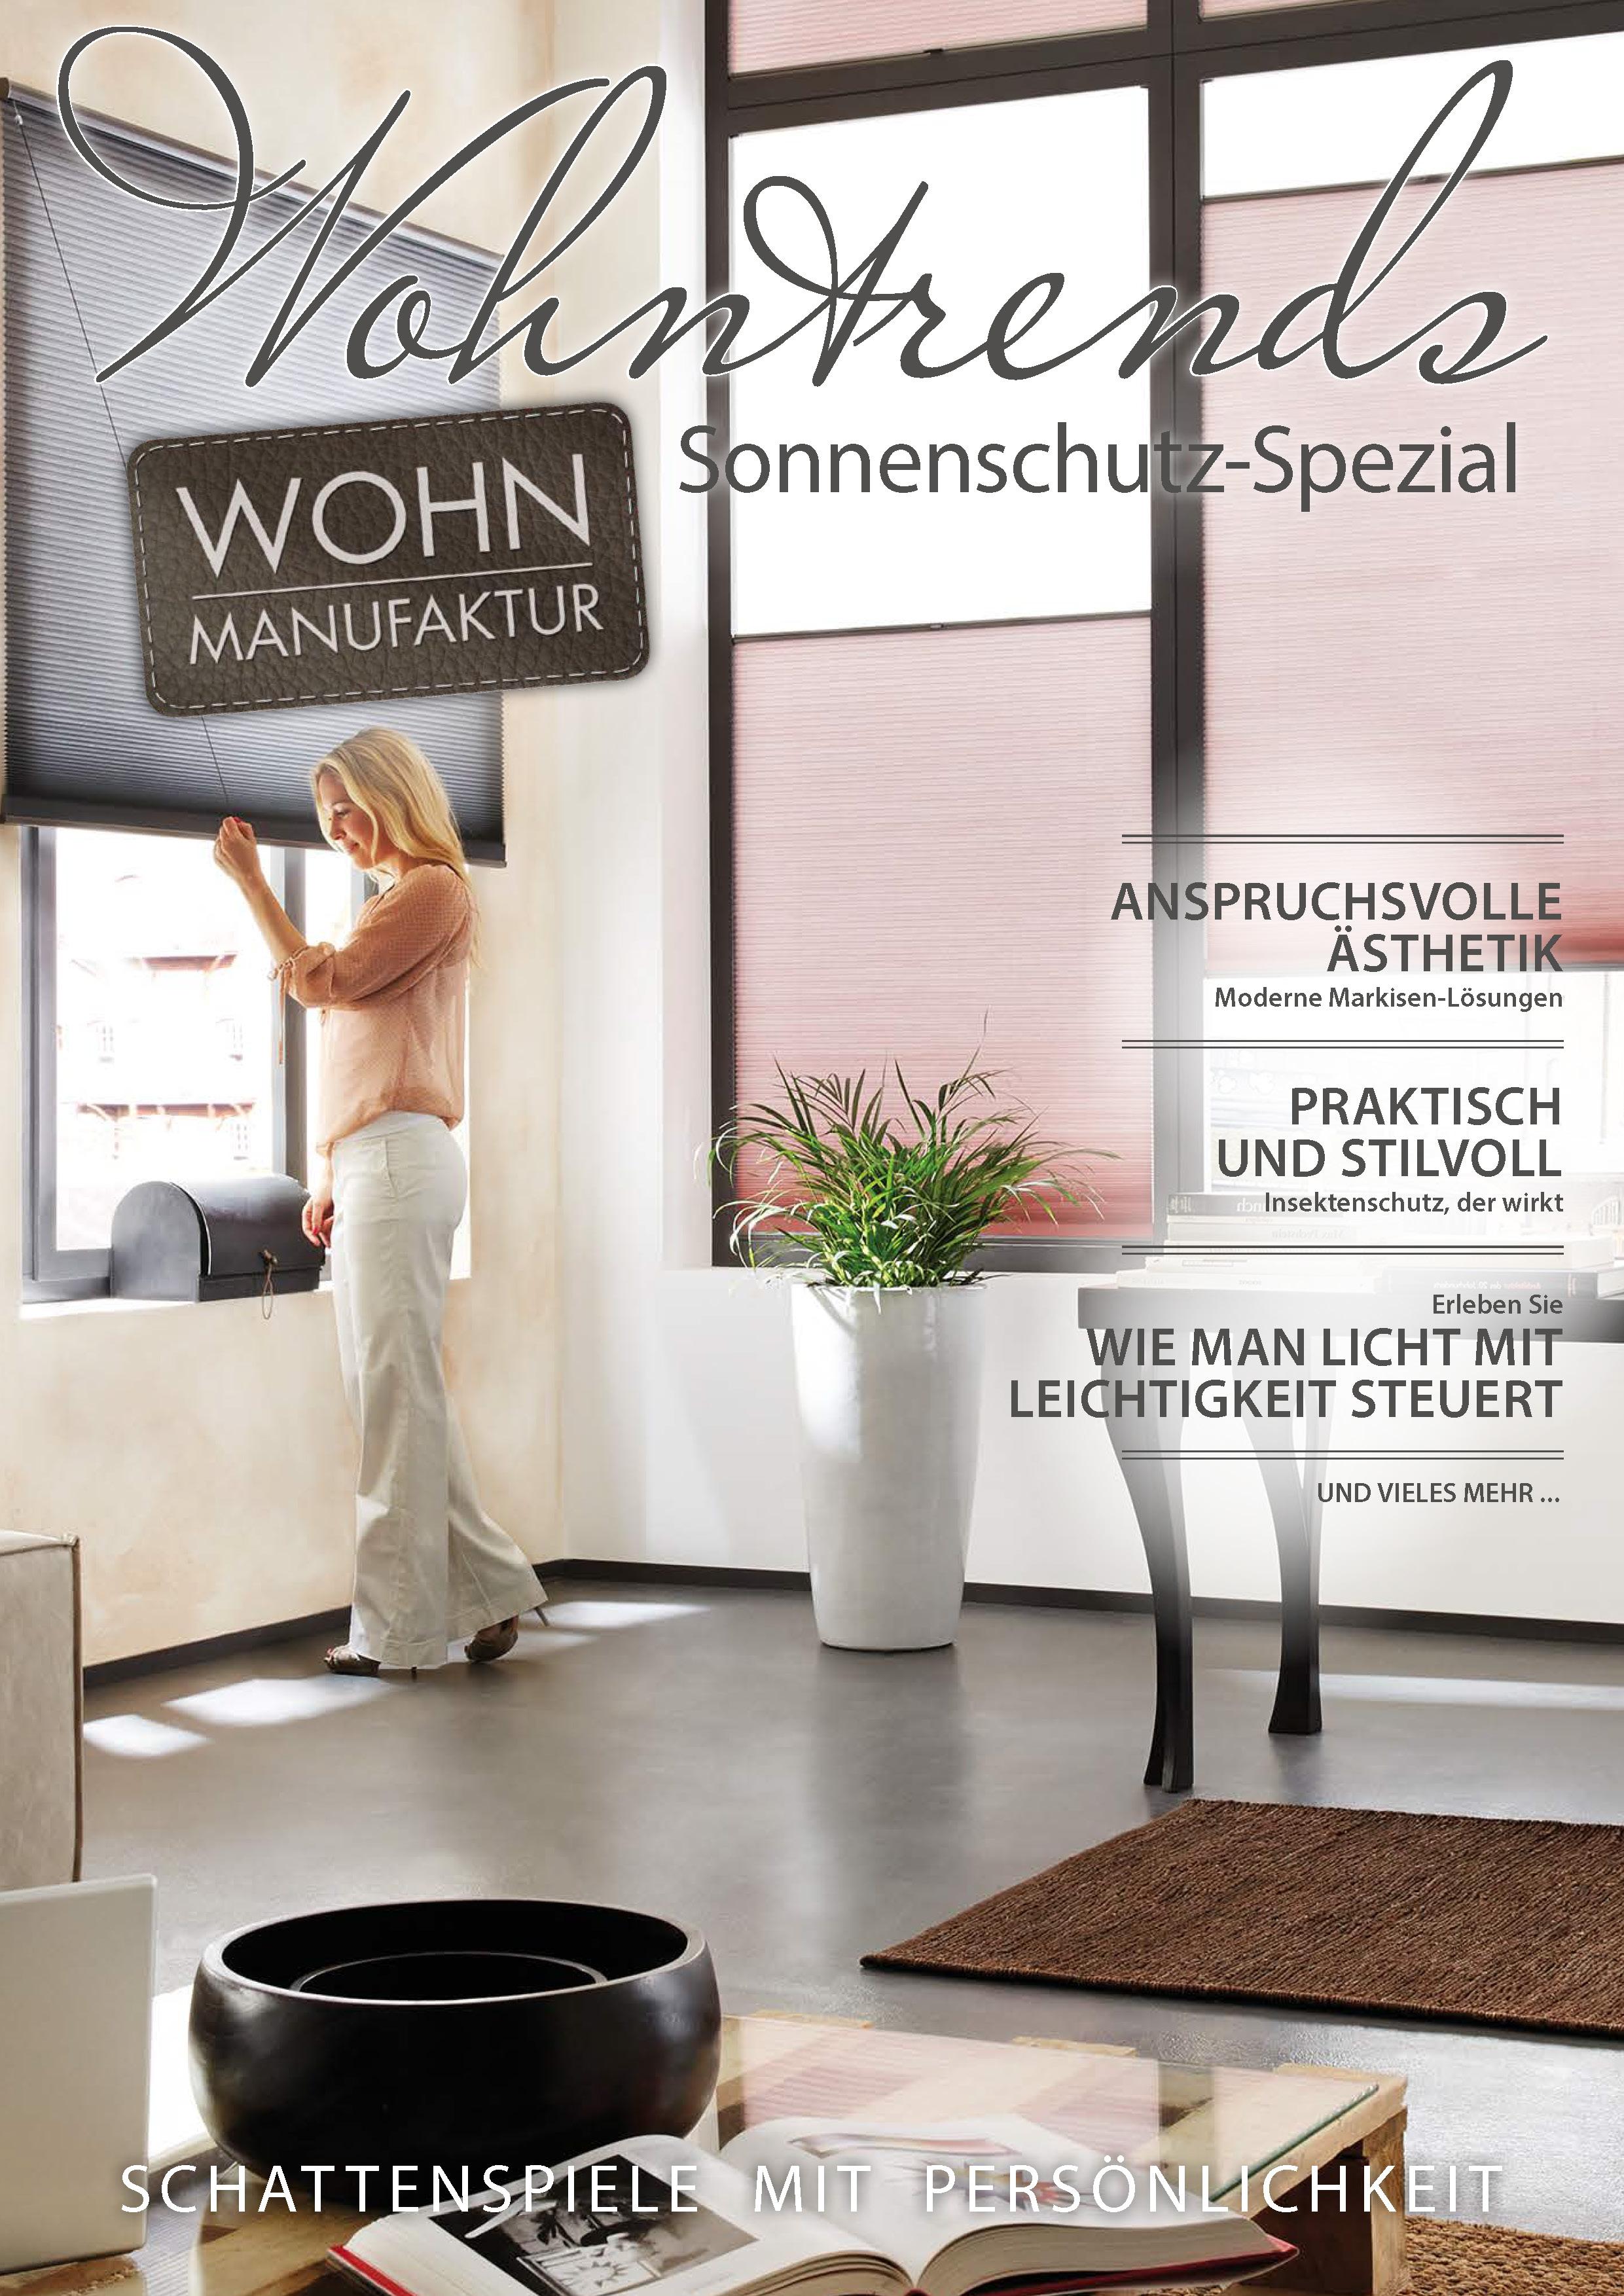 Wohnmanufaktur: Stilvolle Design-Ideen • Beratung & Umsetzung für ...